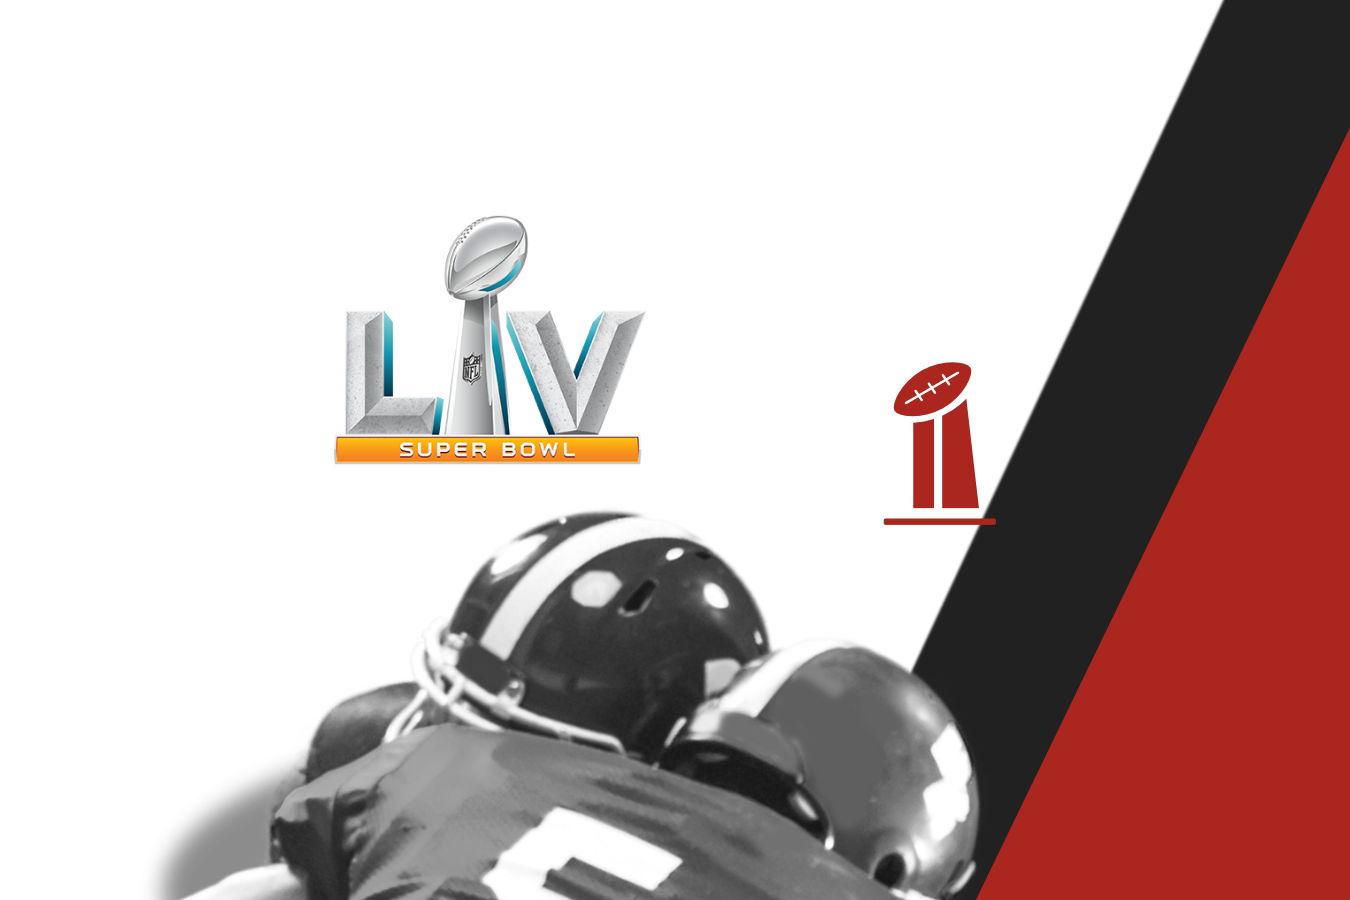 Who Will Win Super Bowl LV?